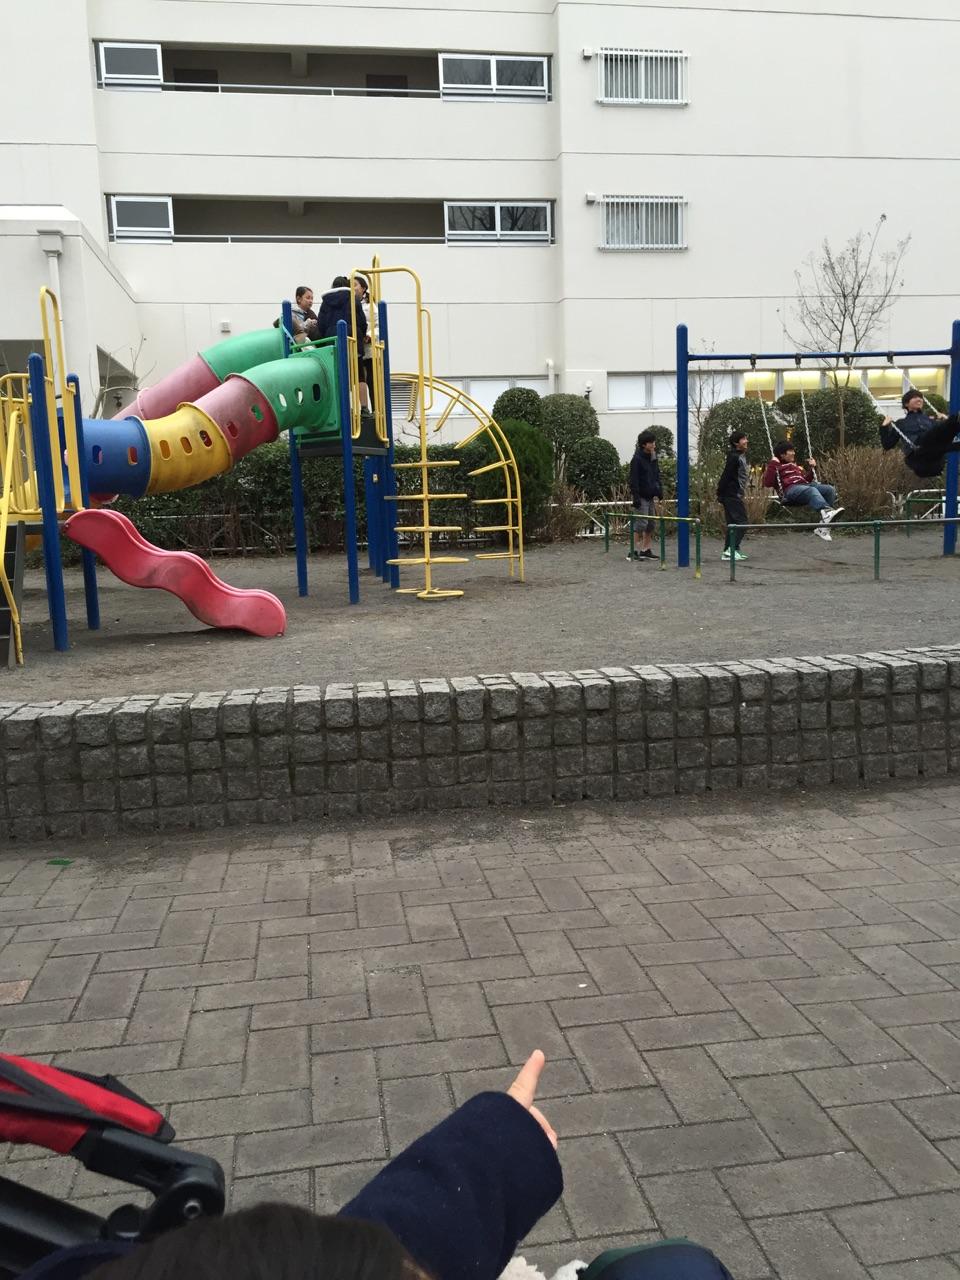 公園情報 4)遊具もあります!ブランコ、滑り台がありますよ!午前中は、小さい子どもたち、午後は小学生で賑わっています。